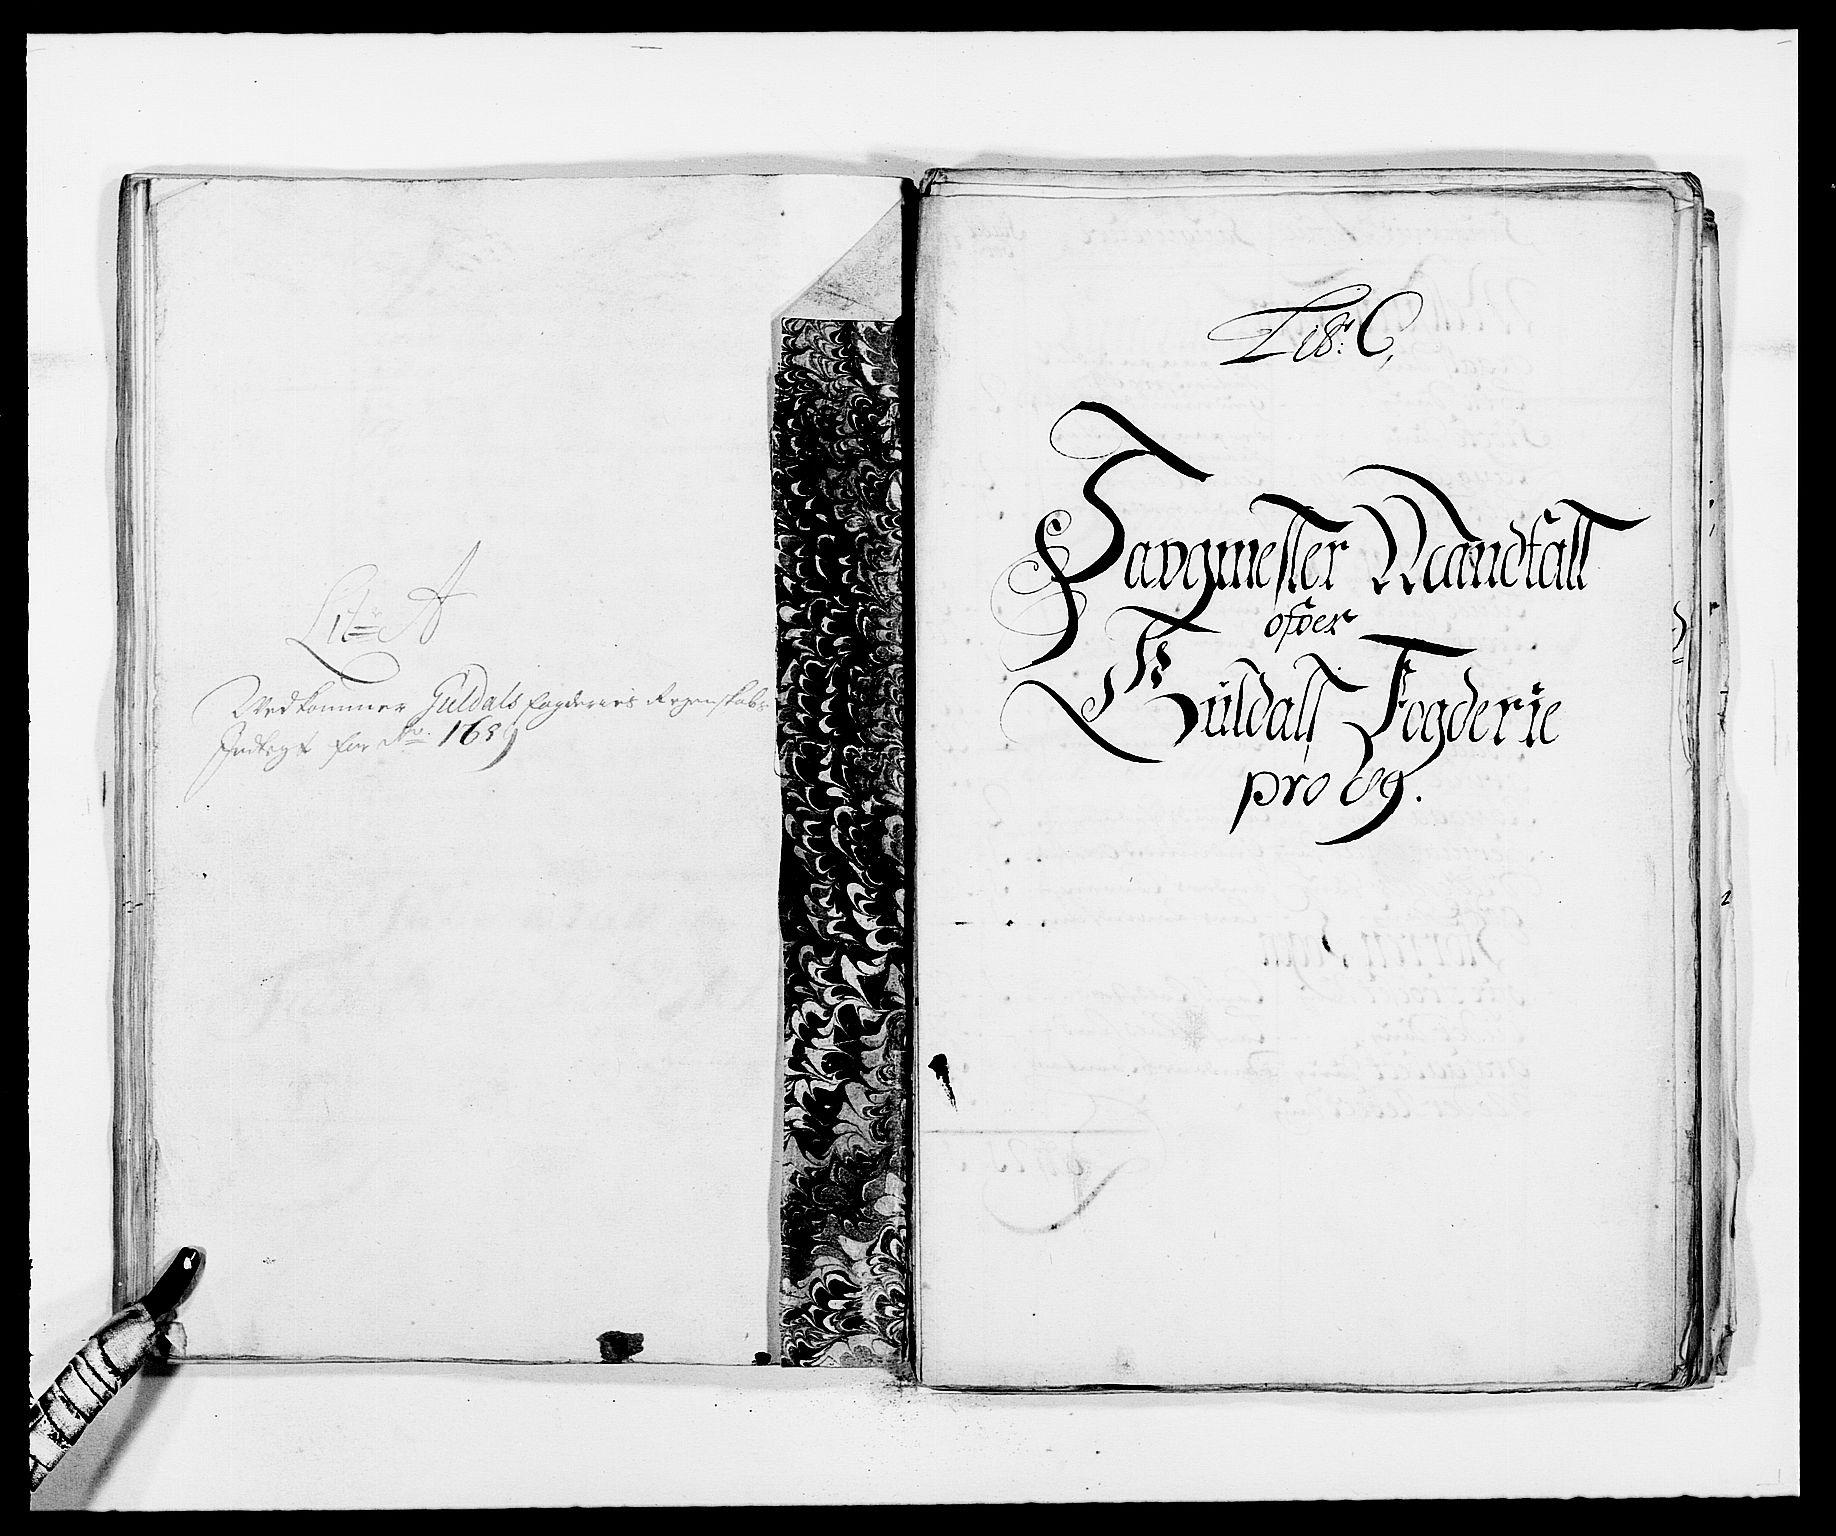 RA, Rentekammeret inntil 1814, Reviderte regnskaper, Fogderegnskap, R59/L3940: Fogderegnskap Gauldal, 1689-1690, s. 63